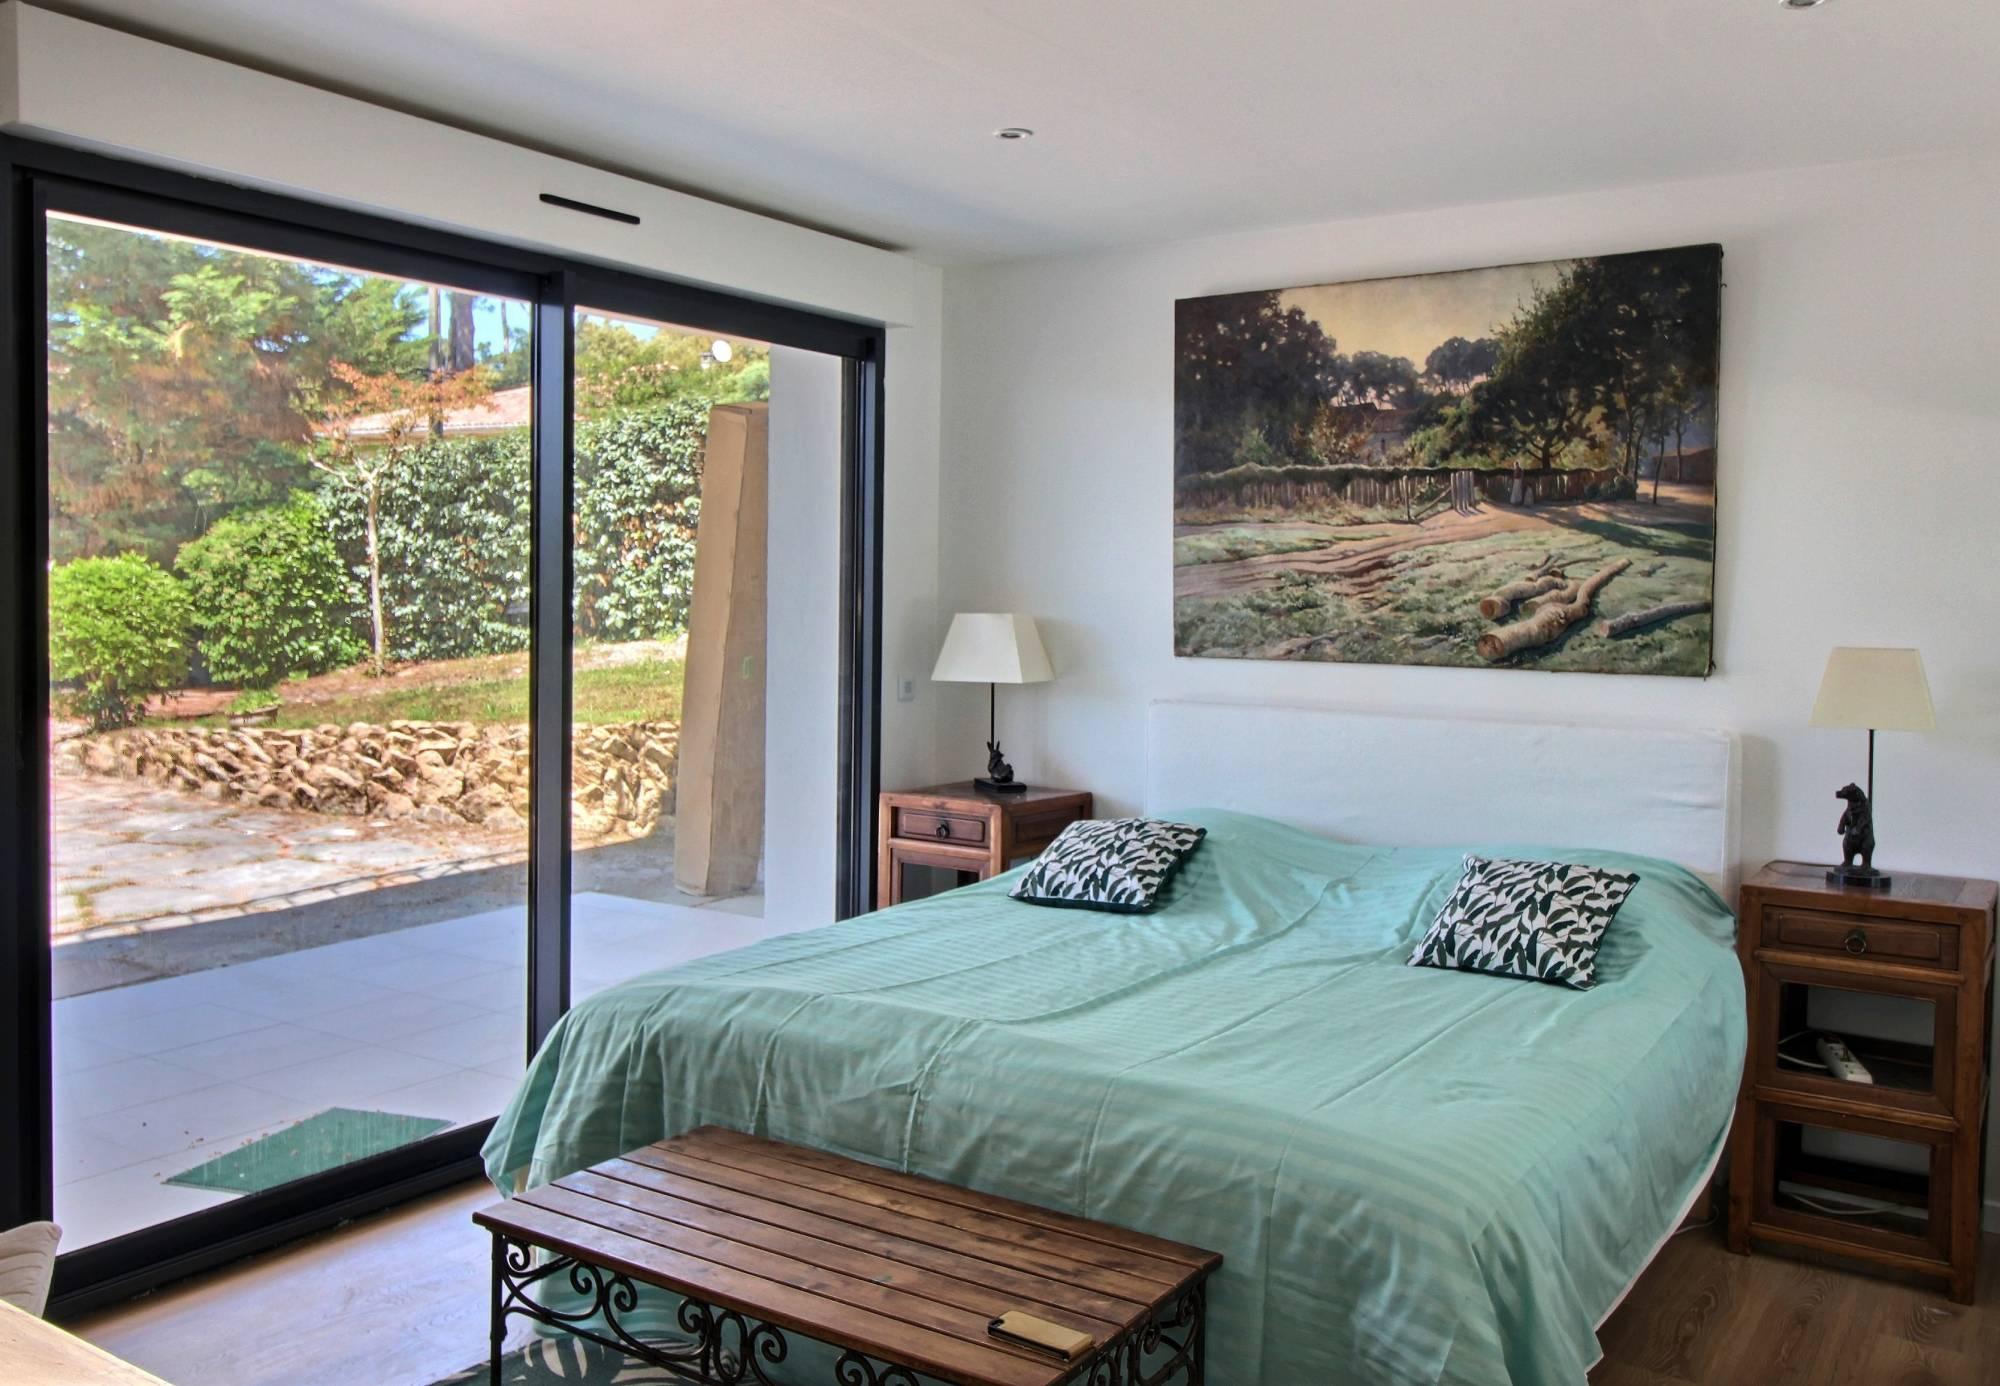 Location villa 5 chambres - 10 personnes - avec piscine PYLA SUR MER